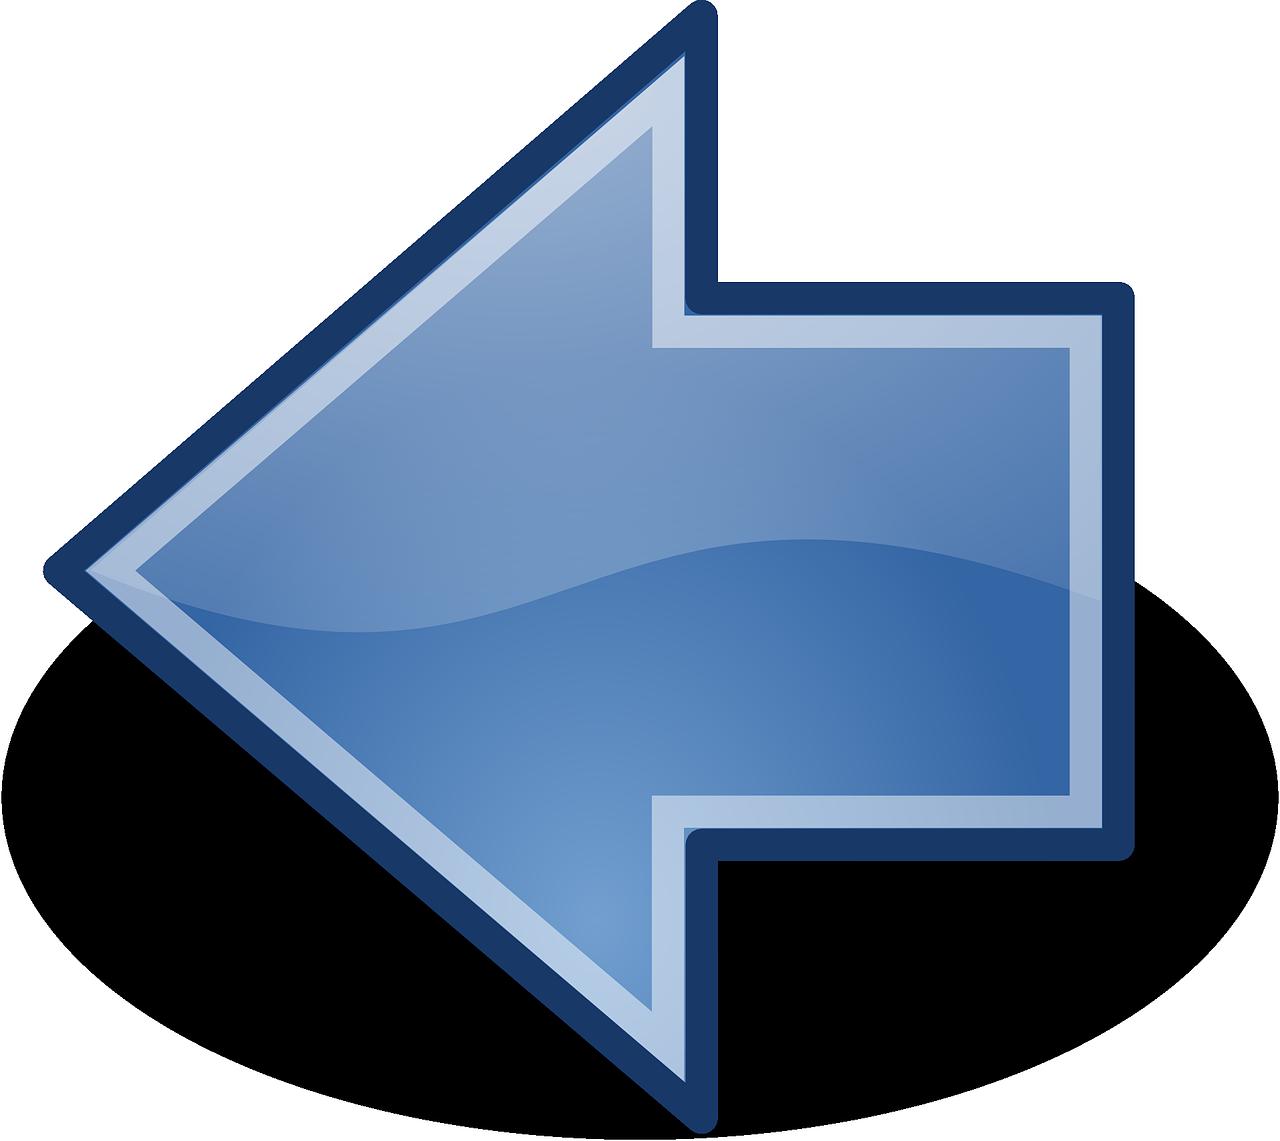 Frecce Blu Sinistra - Grafica vettoriale gratuita su Pixabay